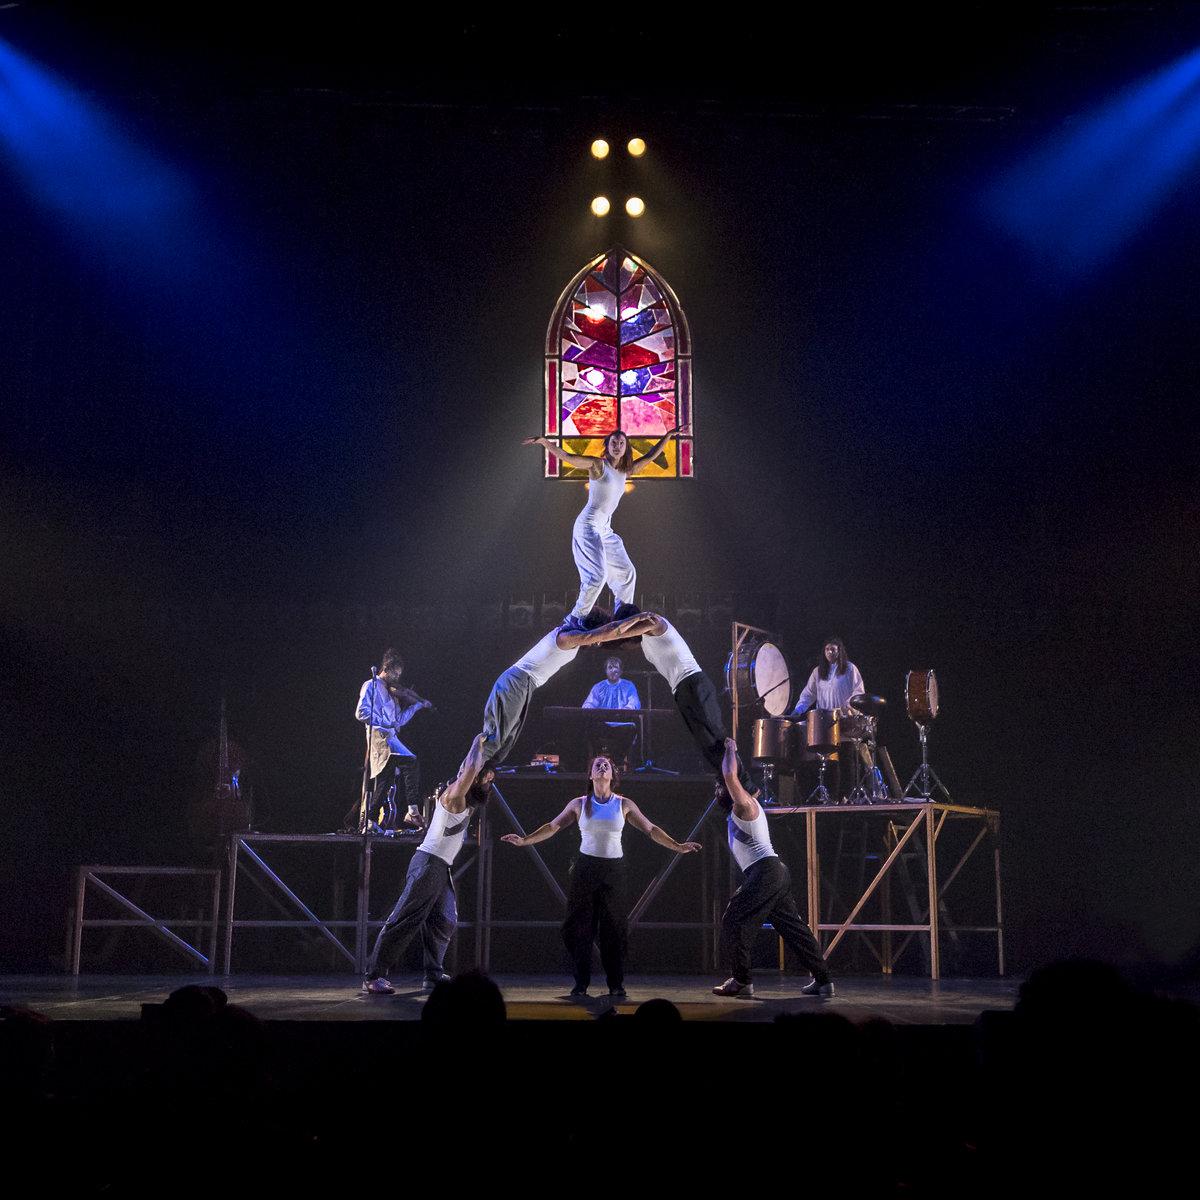 Tabarnak - Cirque Alfonse   Dâvi Simard pour Musique Cirque Mp3